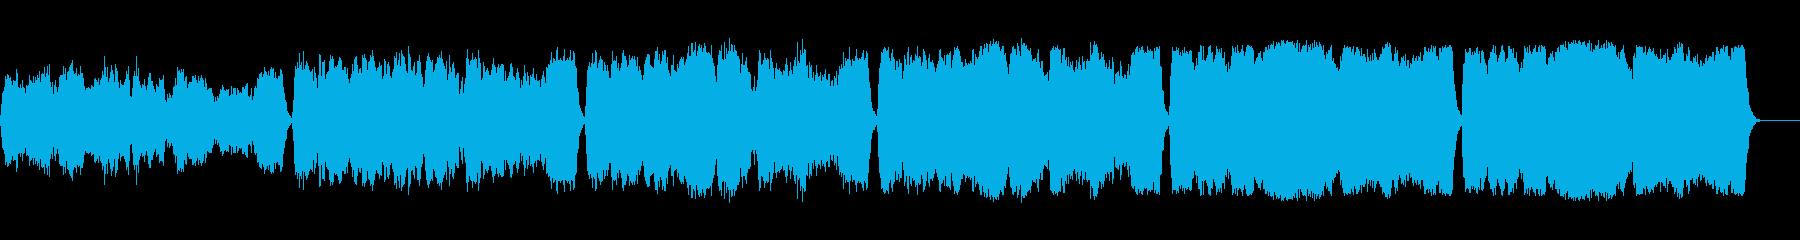 風格のあるストリングスの配置は、大...の再生済みの波形